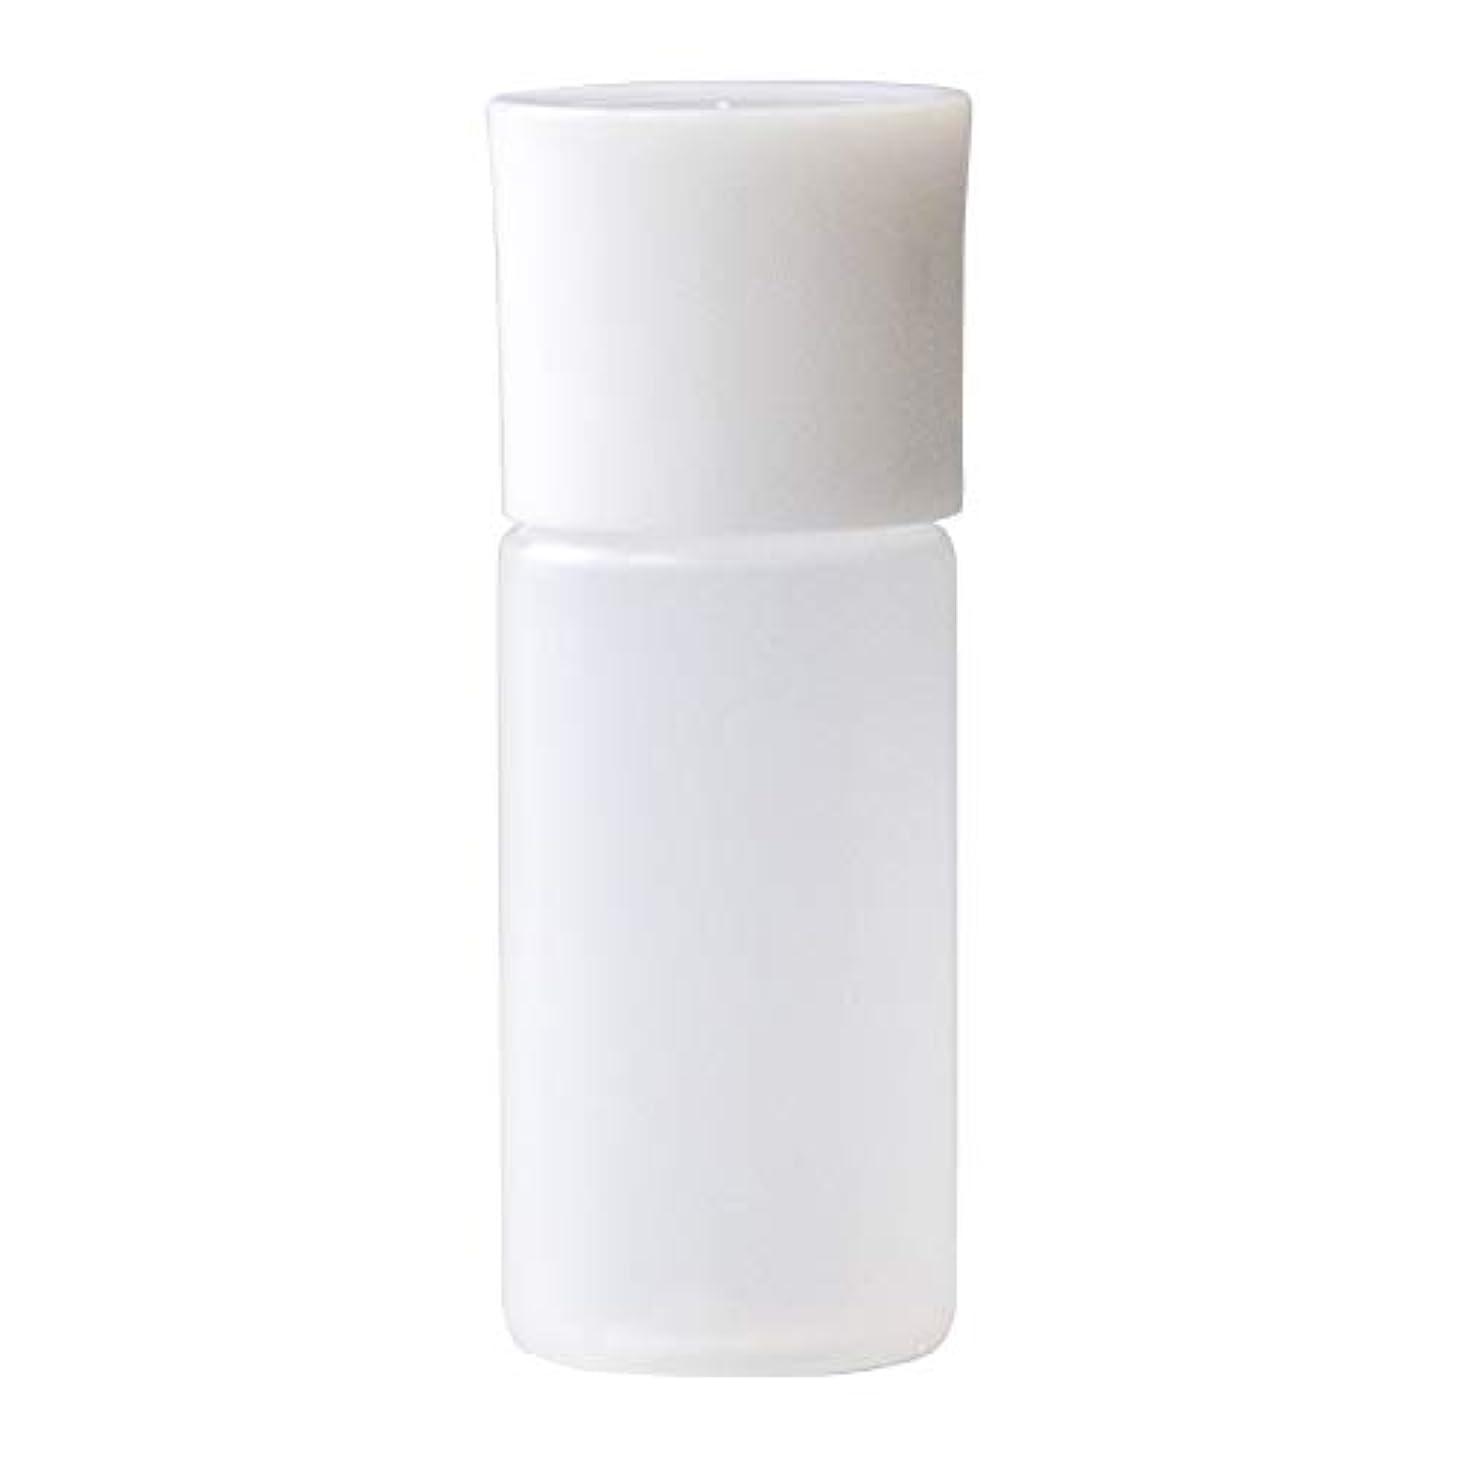 夕暮れ慣性ほぼ穴あき中栓付きミニボトル 5ml 100本セット